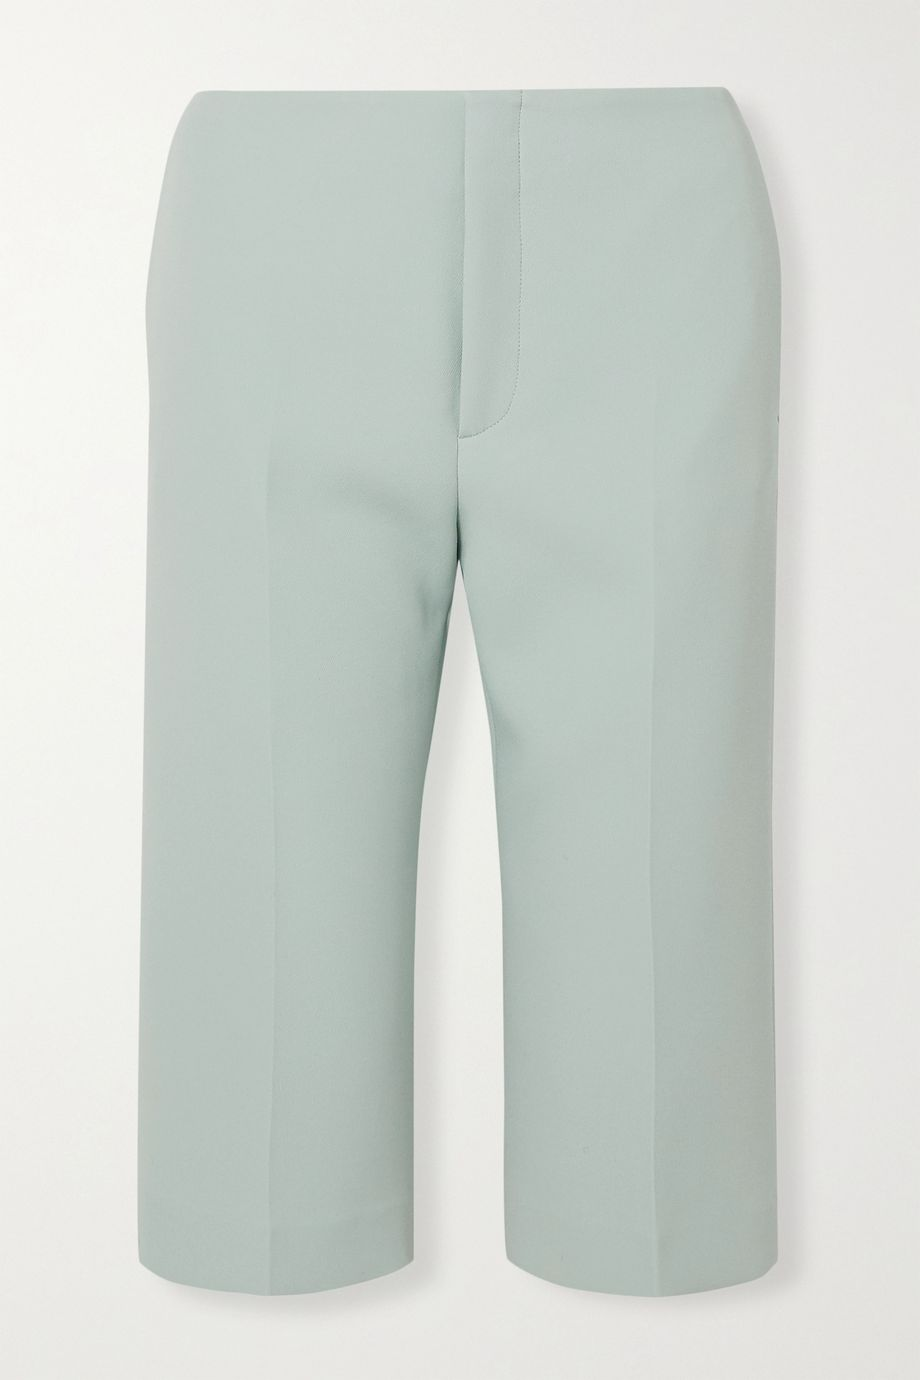 Maison Margiela Twill shorts